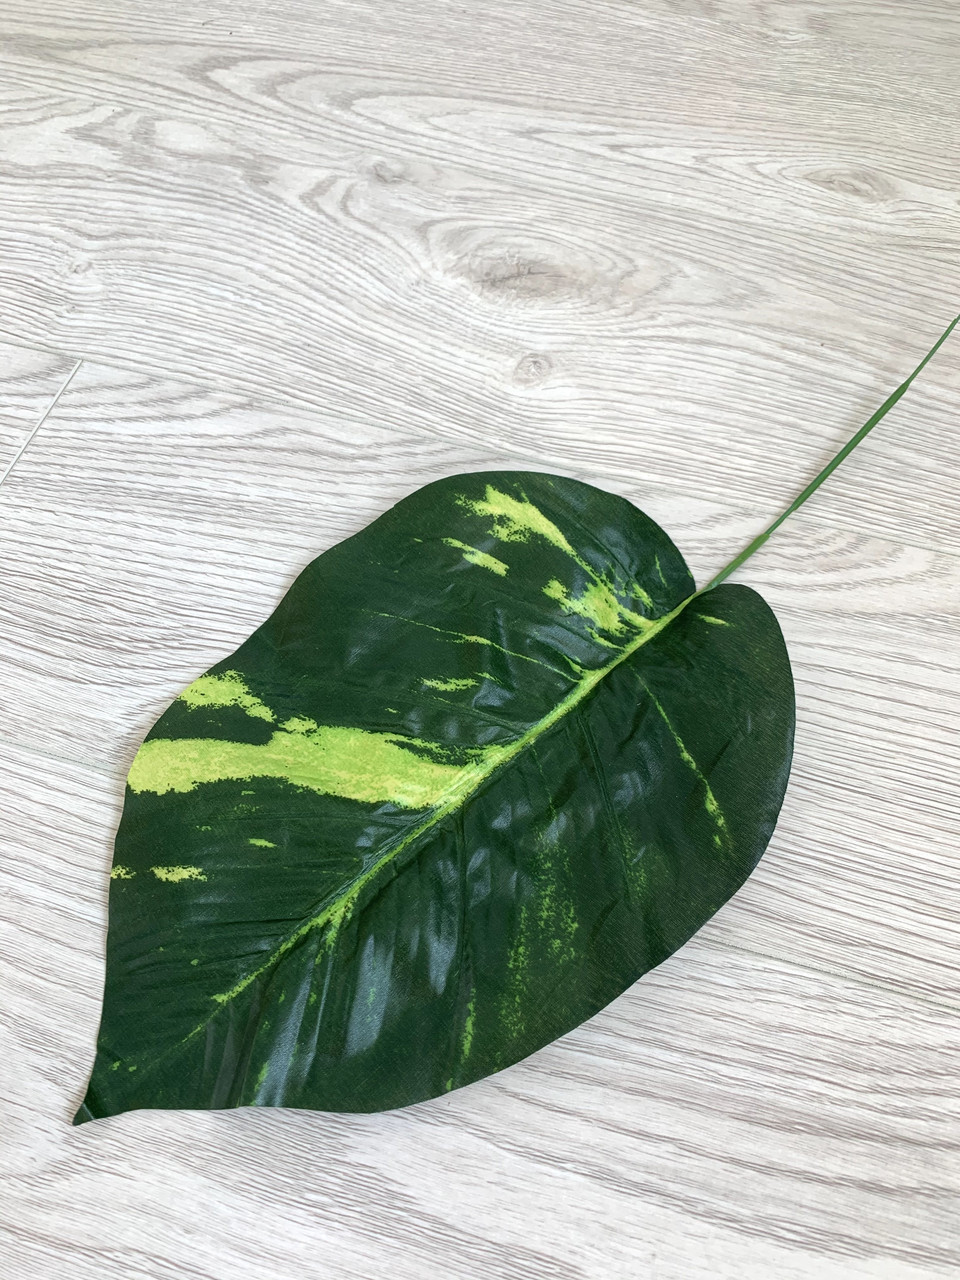 Искусственный лист диффенбахии для декора и добавок в композиции.